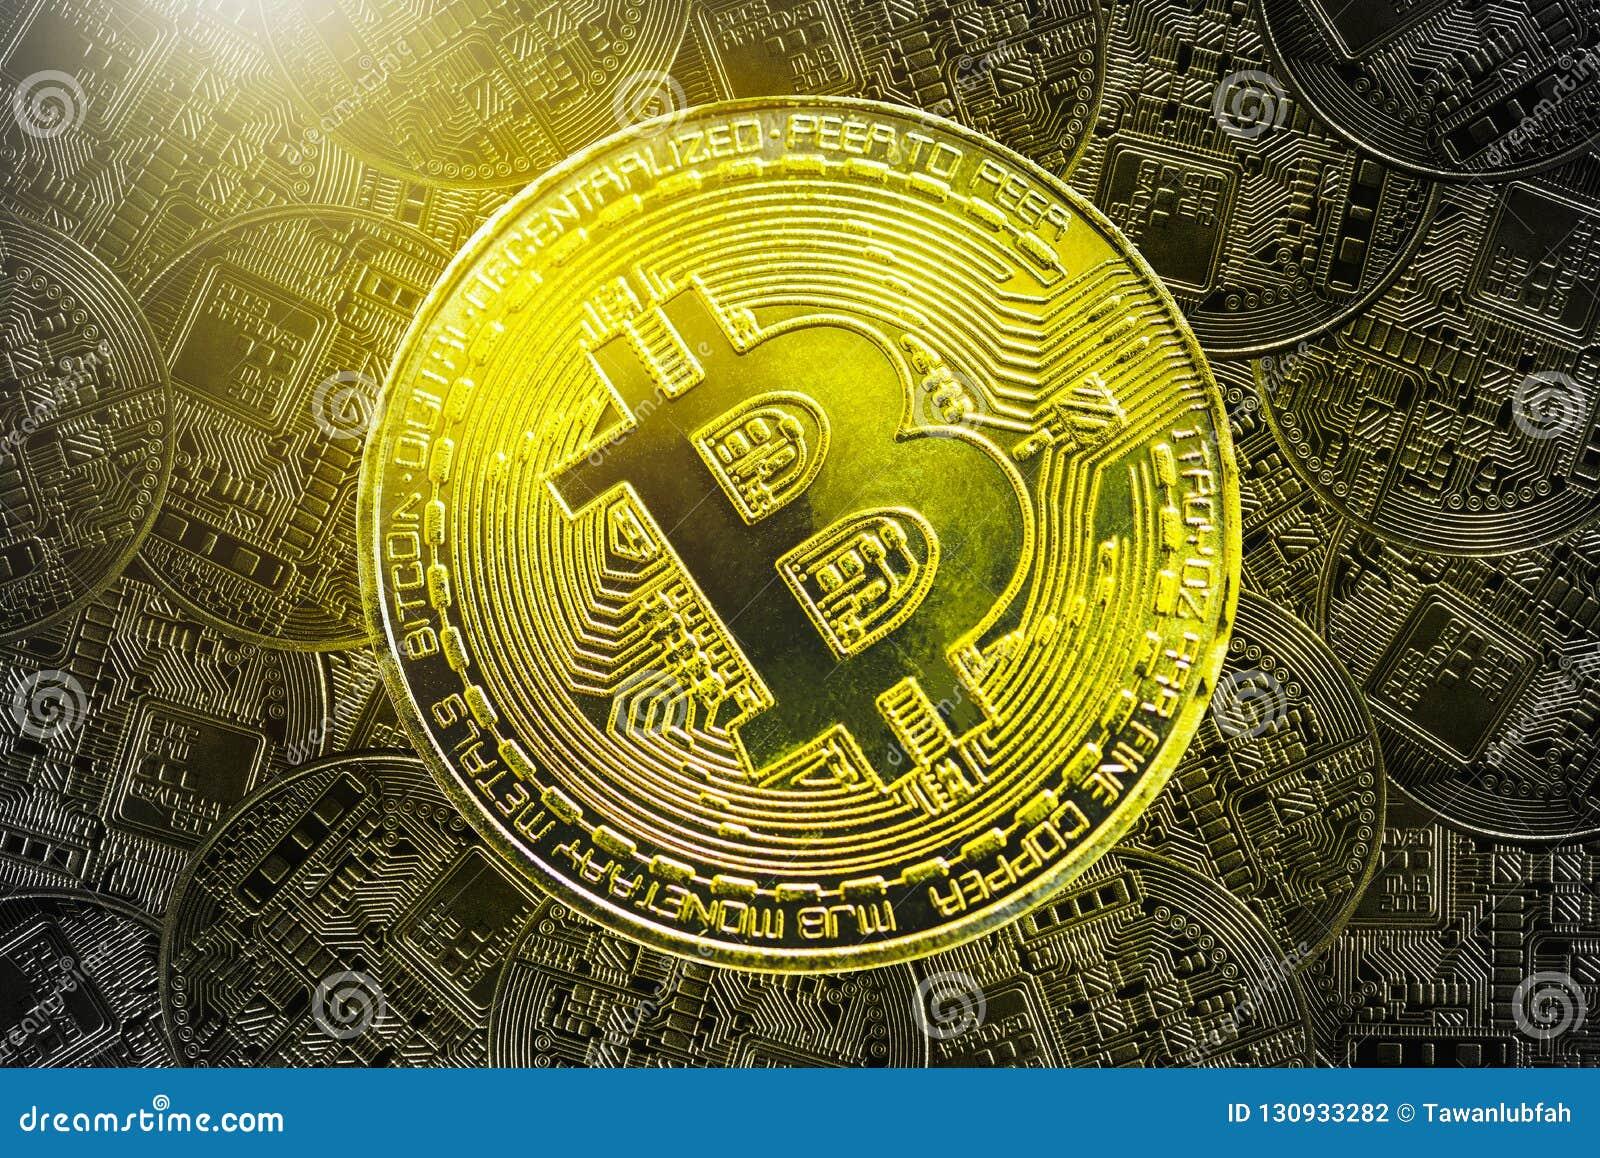 Bitkoinai verslo klientams - DeCrypto